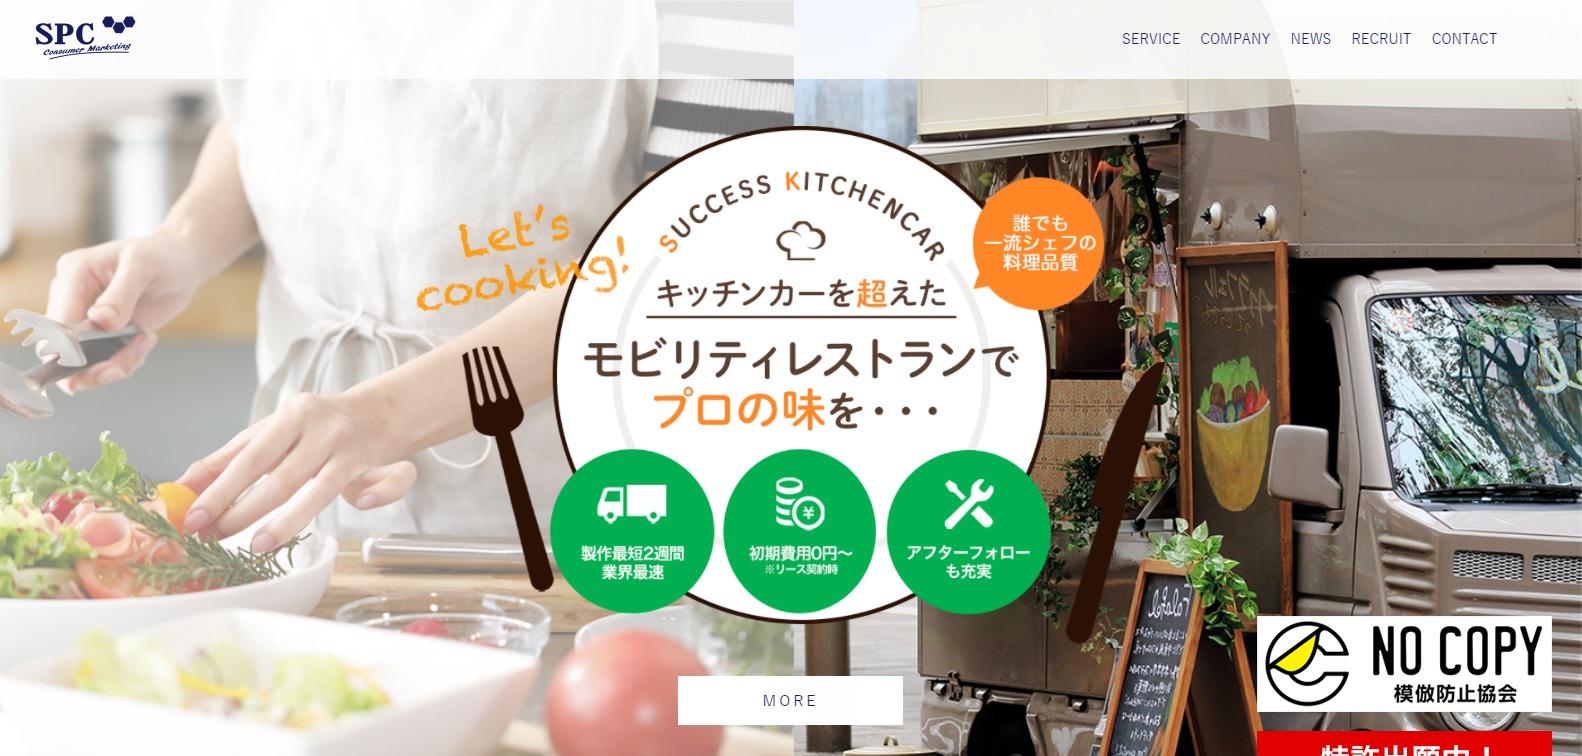 株式会社SPCコンシューママーケティングが「キッチンカー支援事業 総合満足度」の項目で第1位を獲得!